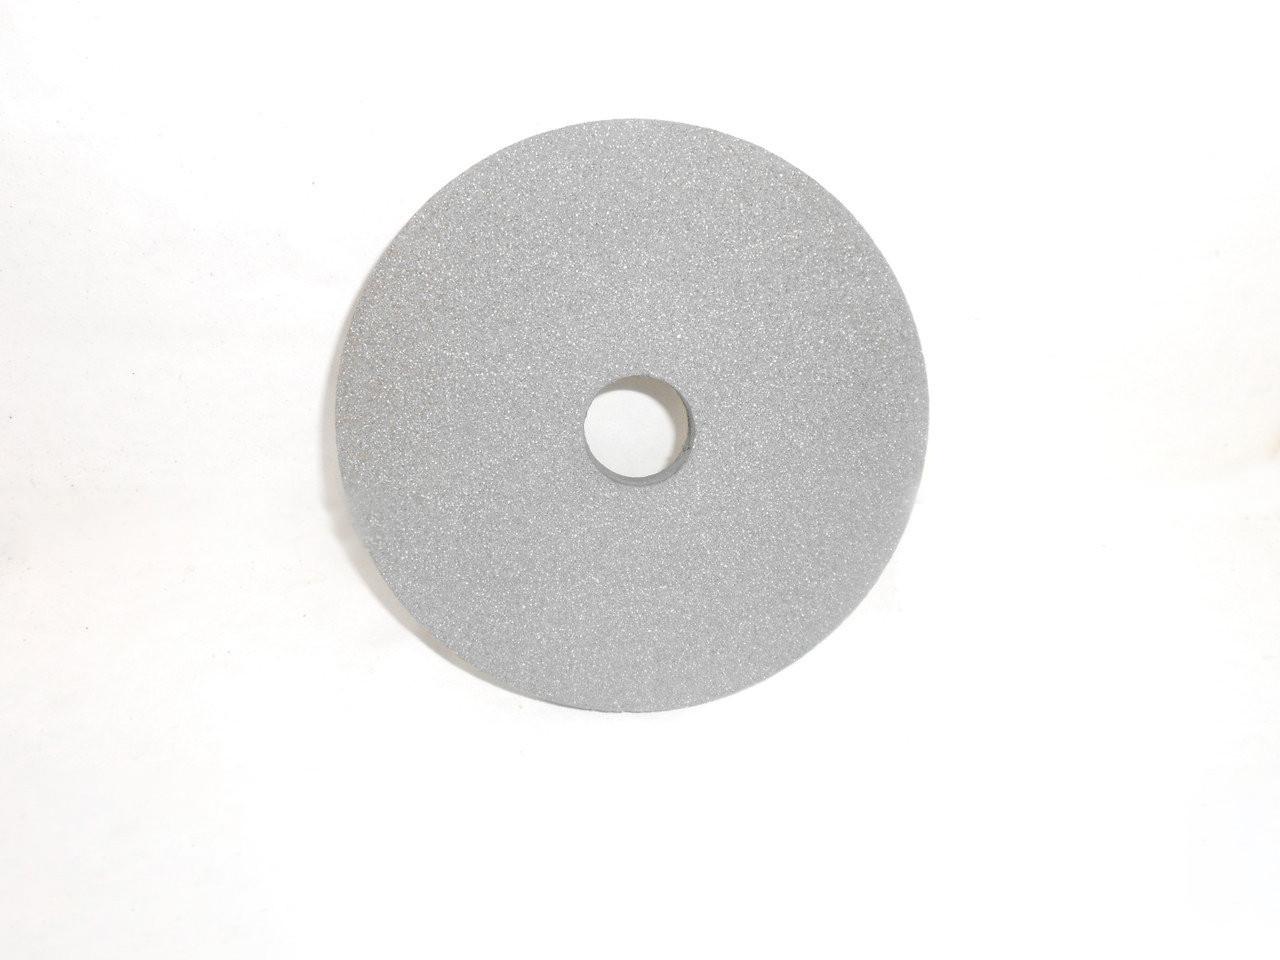 Круг шлифовальный 14А ПП 200х32х76  16-40 СМ-СТ